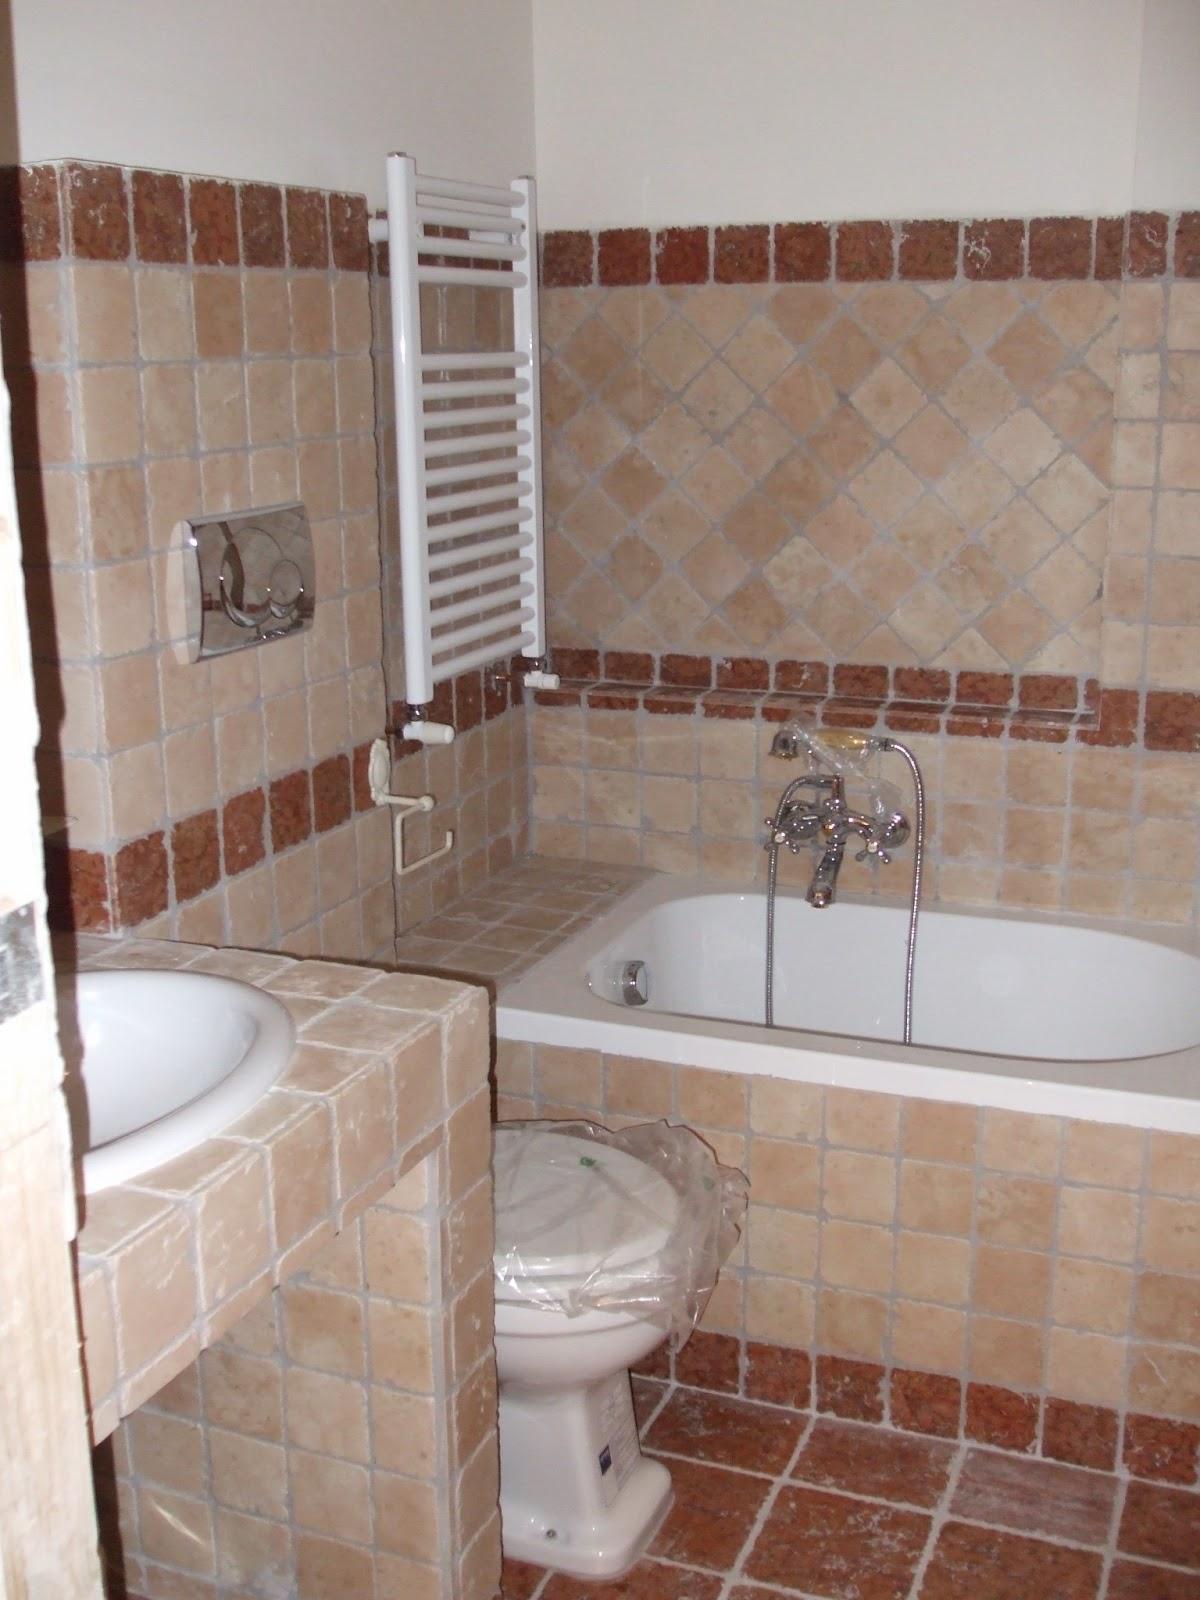 Bagni in muratura immagini - Lavabo bagno muratura ...